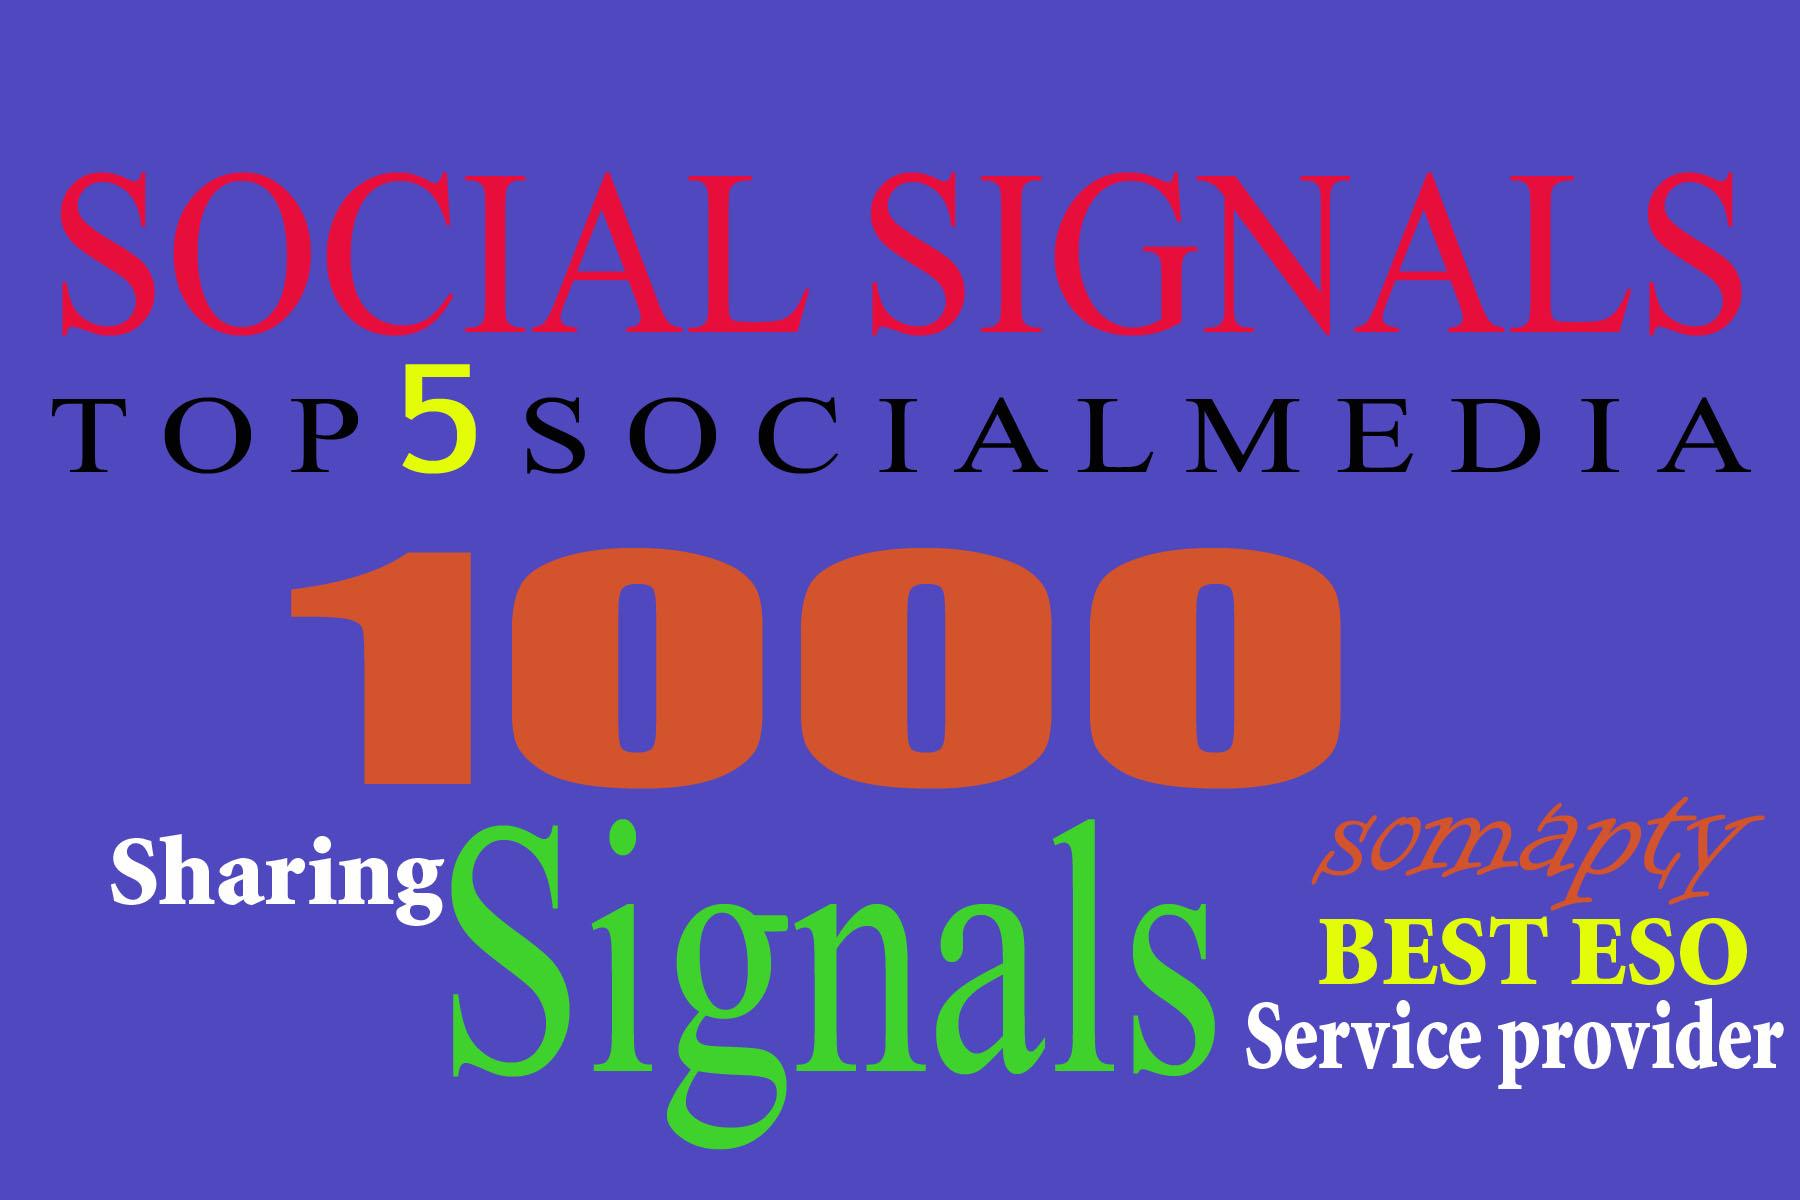 PRovide PR9-PR10 Social Media Share Signals